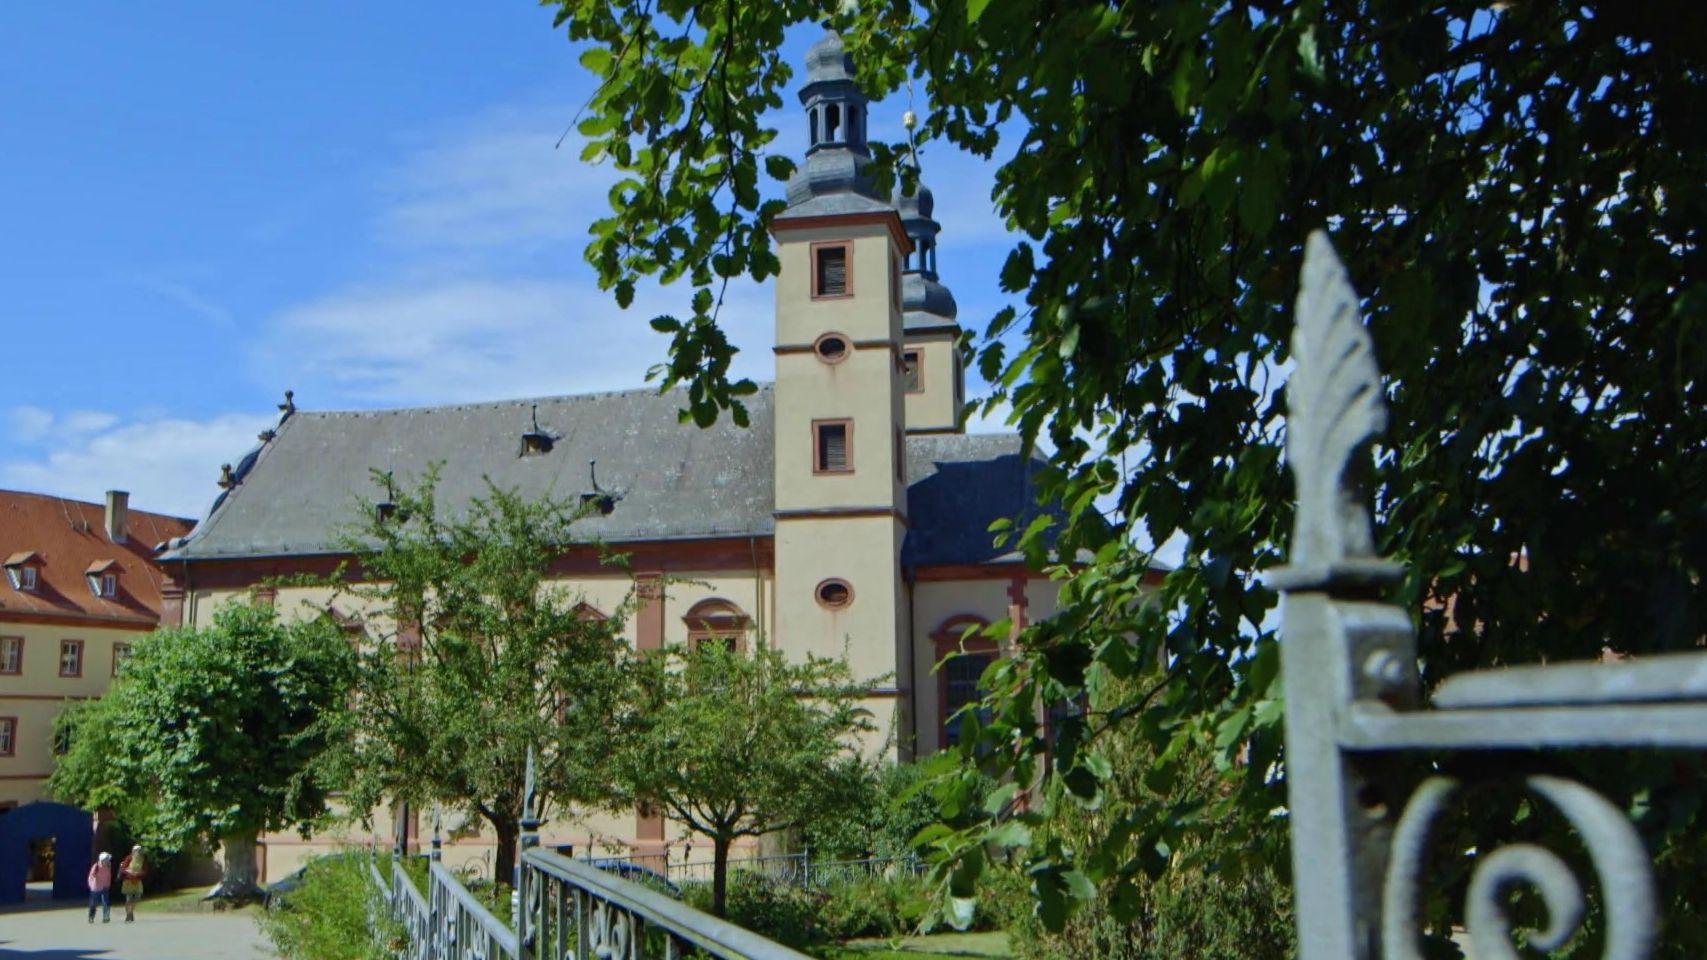 Kloster Triefenstein in Unterfranken